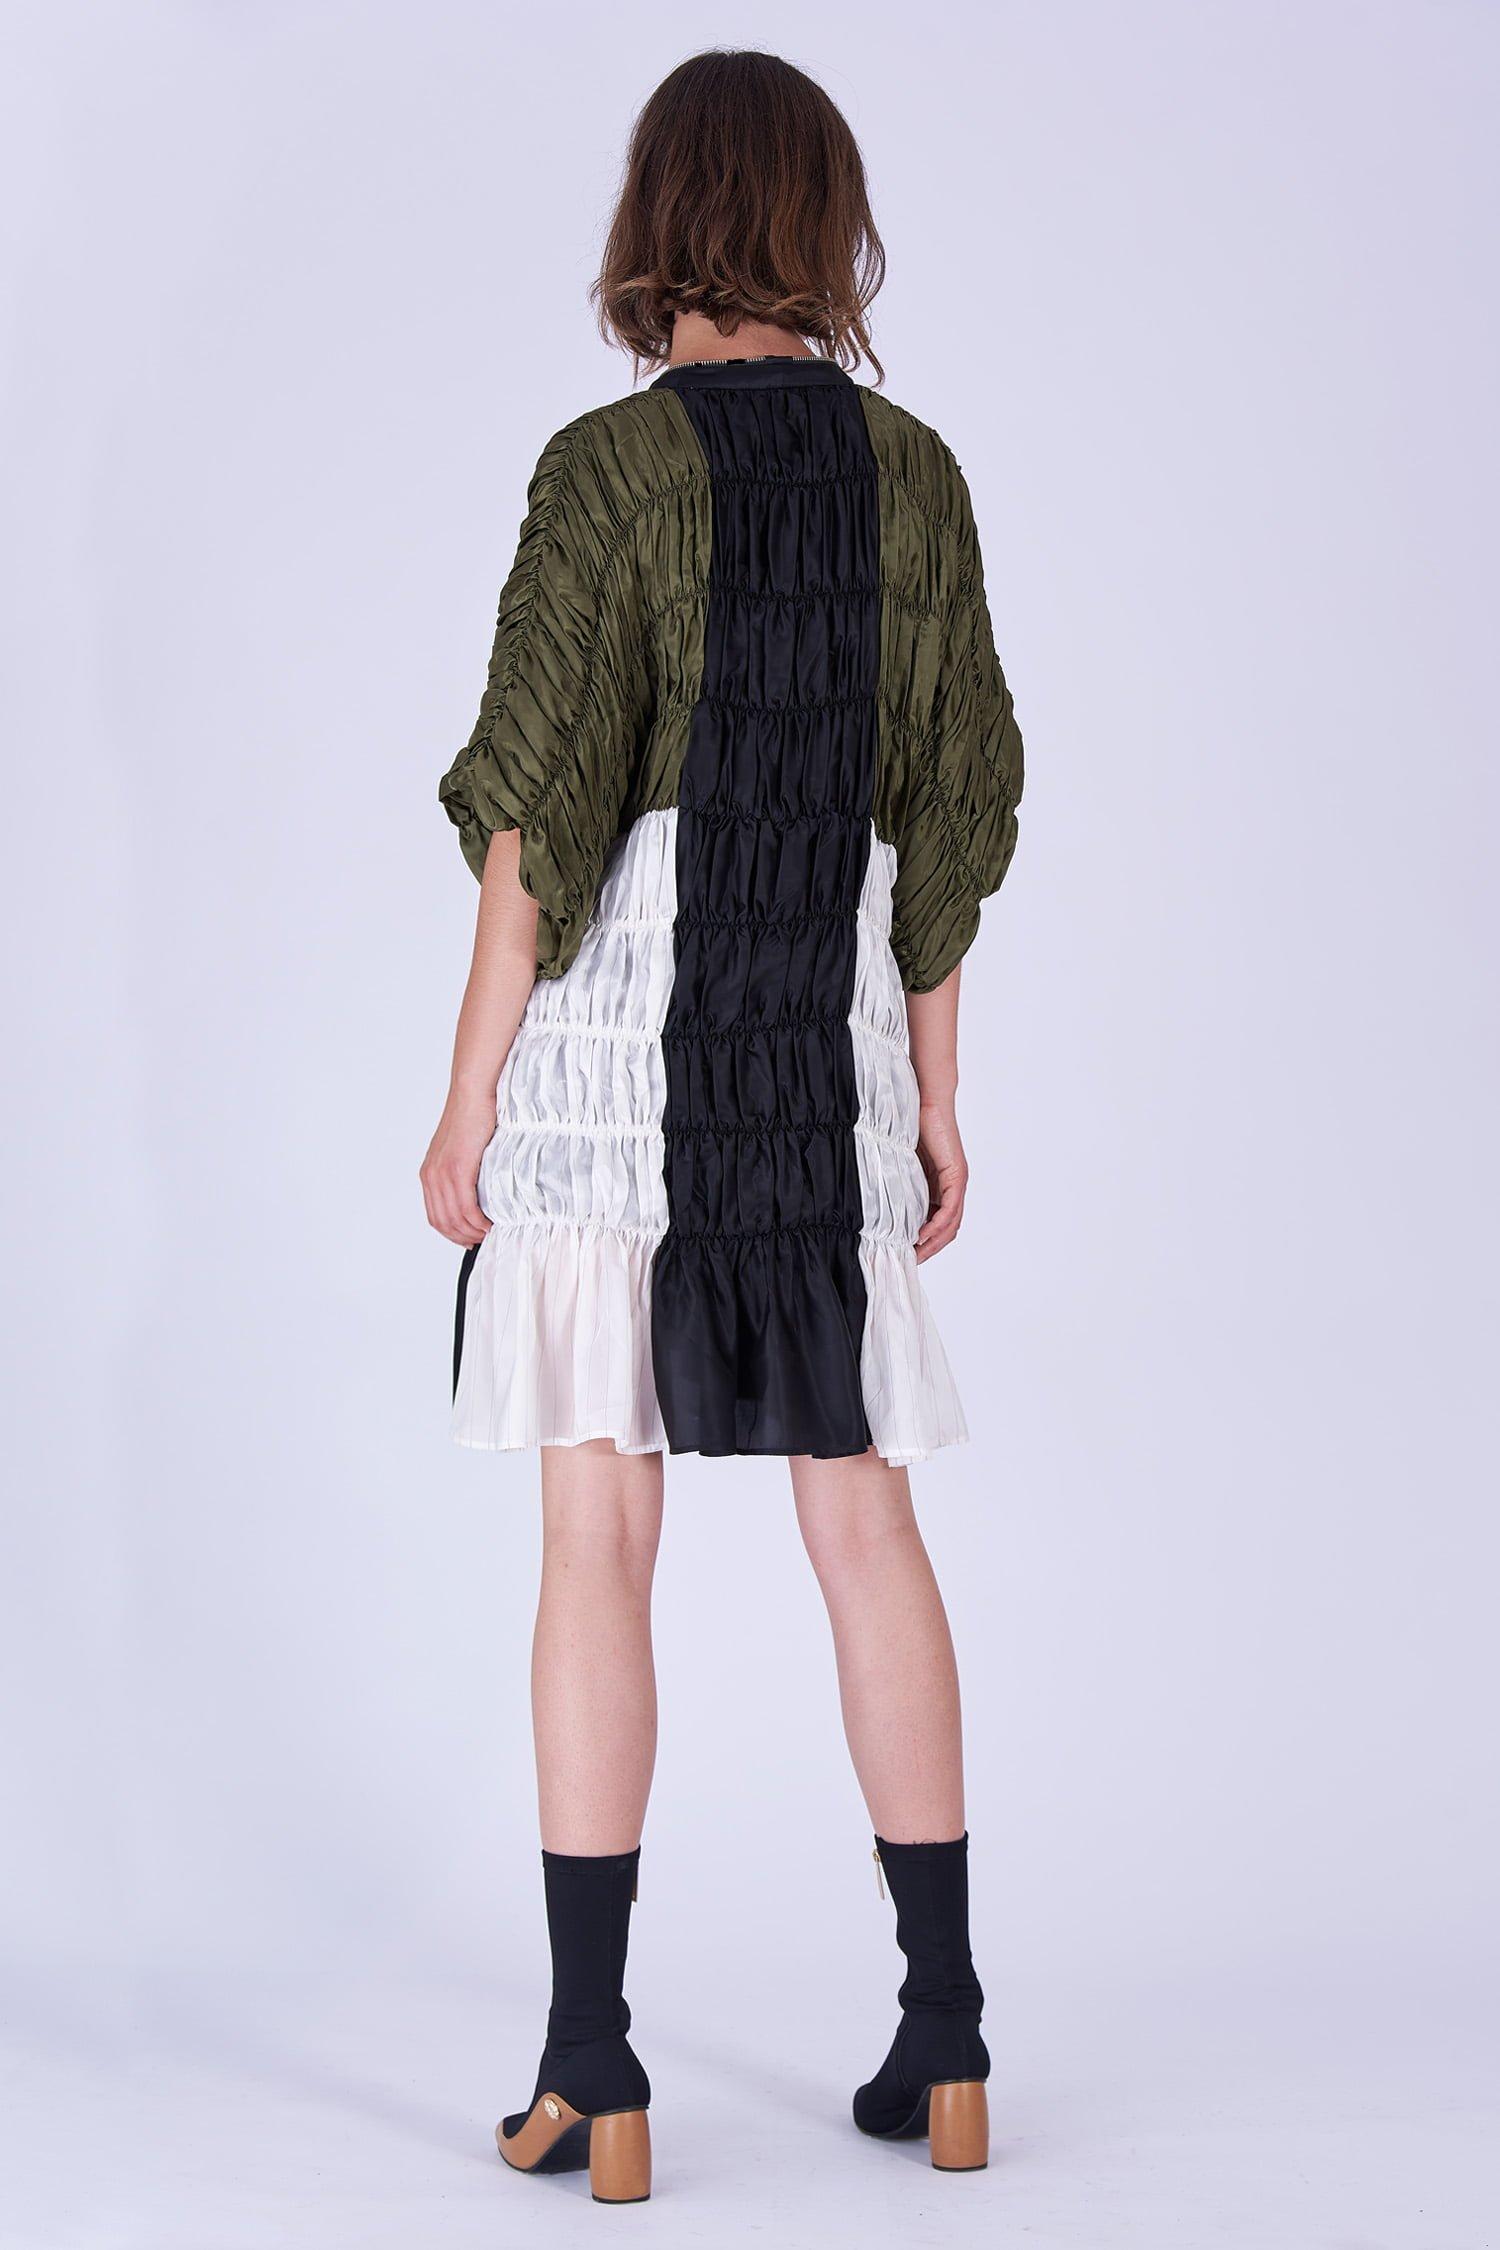 Acephala Fw19 20 Green Black White Gathered Dress Sukienka Marszczona Zielona Biala Czarna Marszczona Back 2